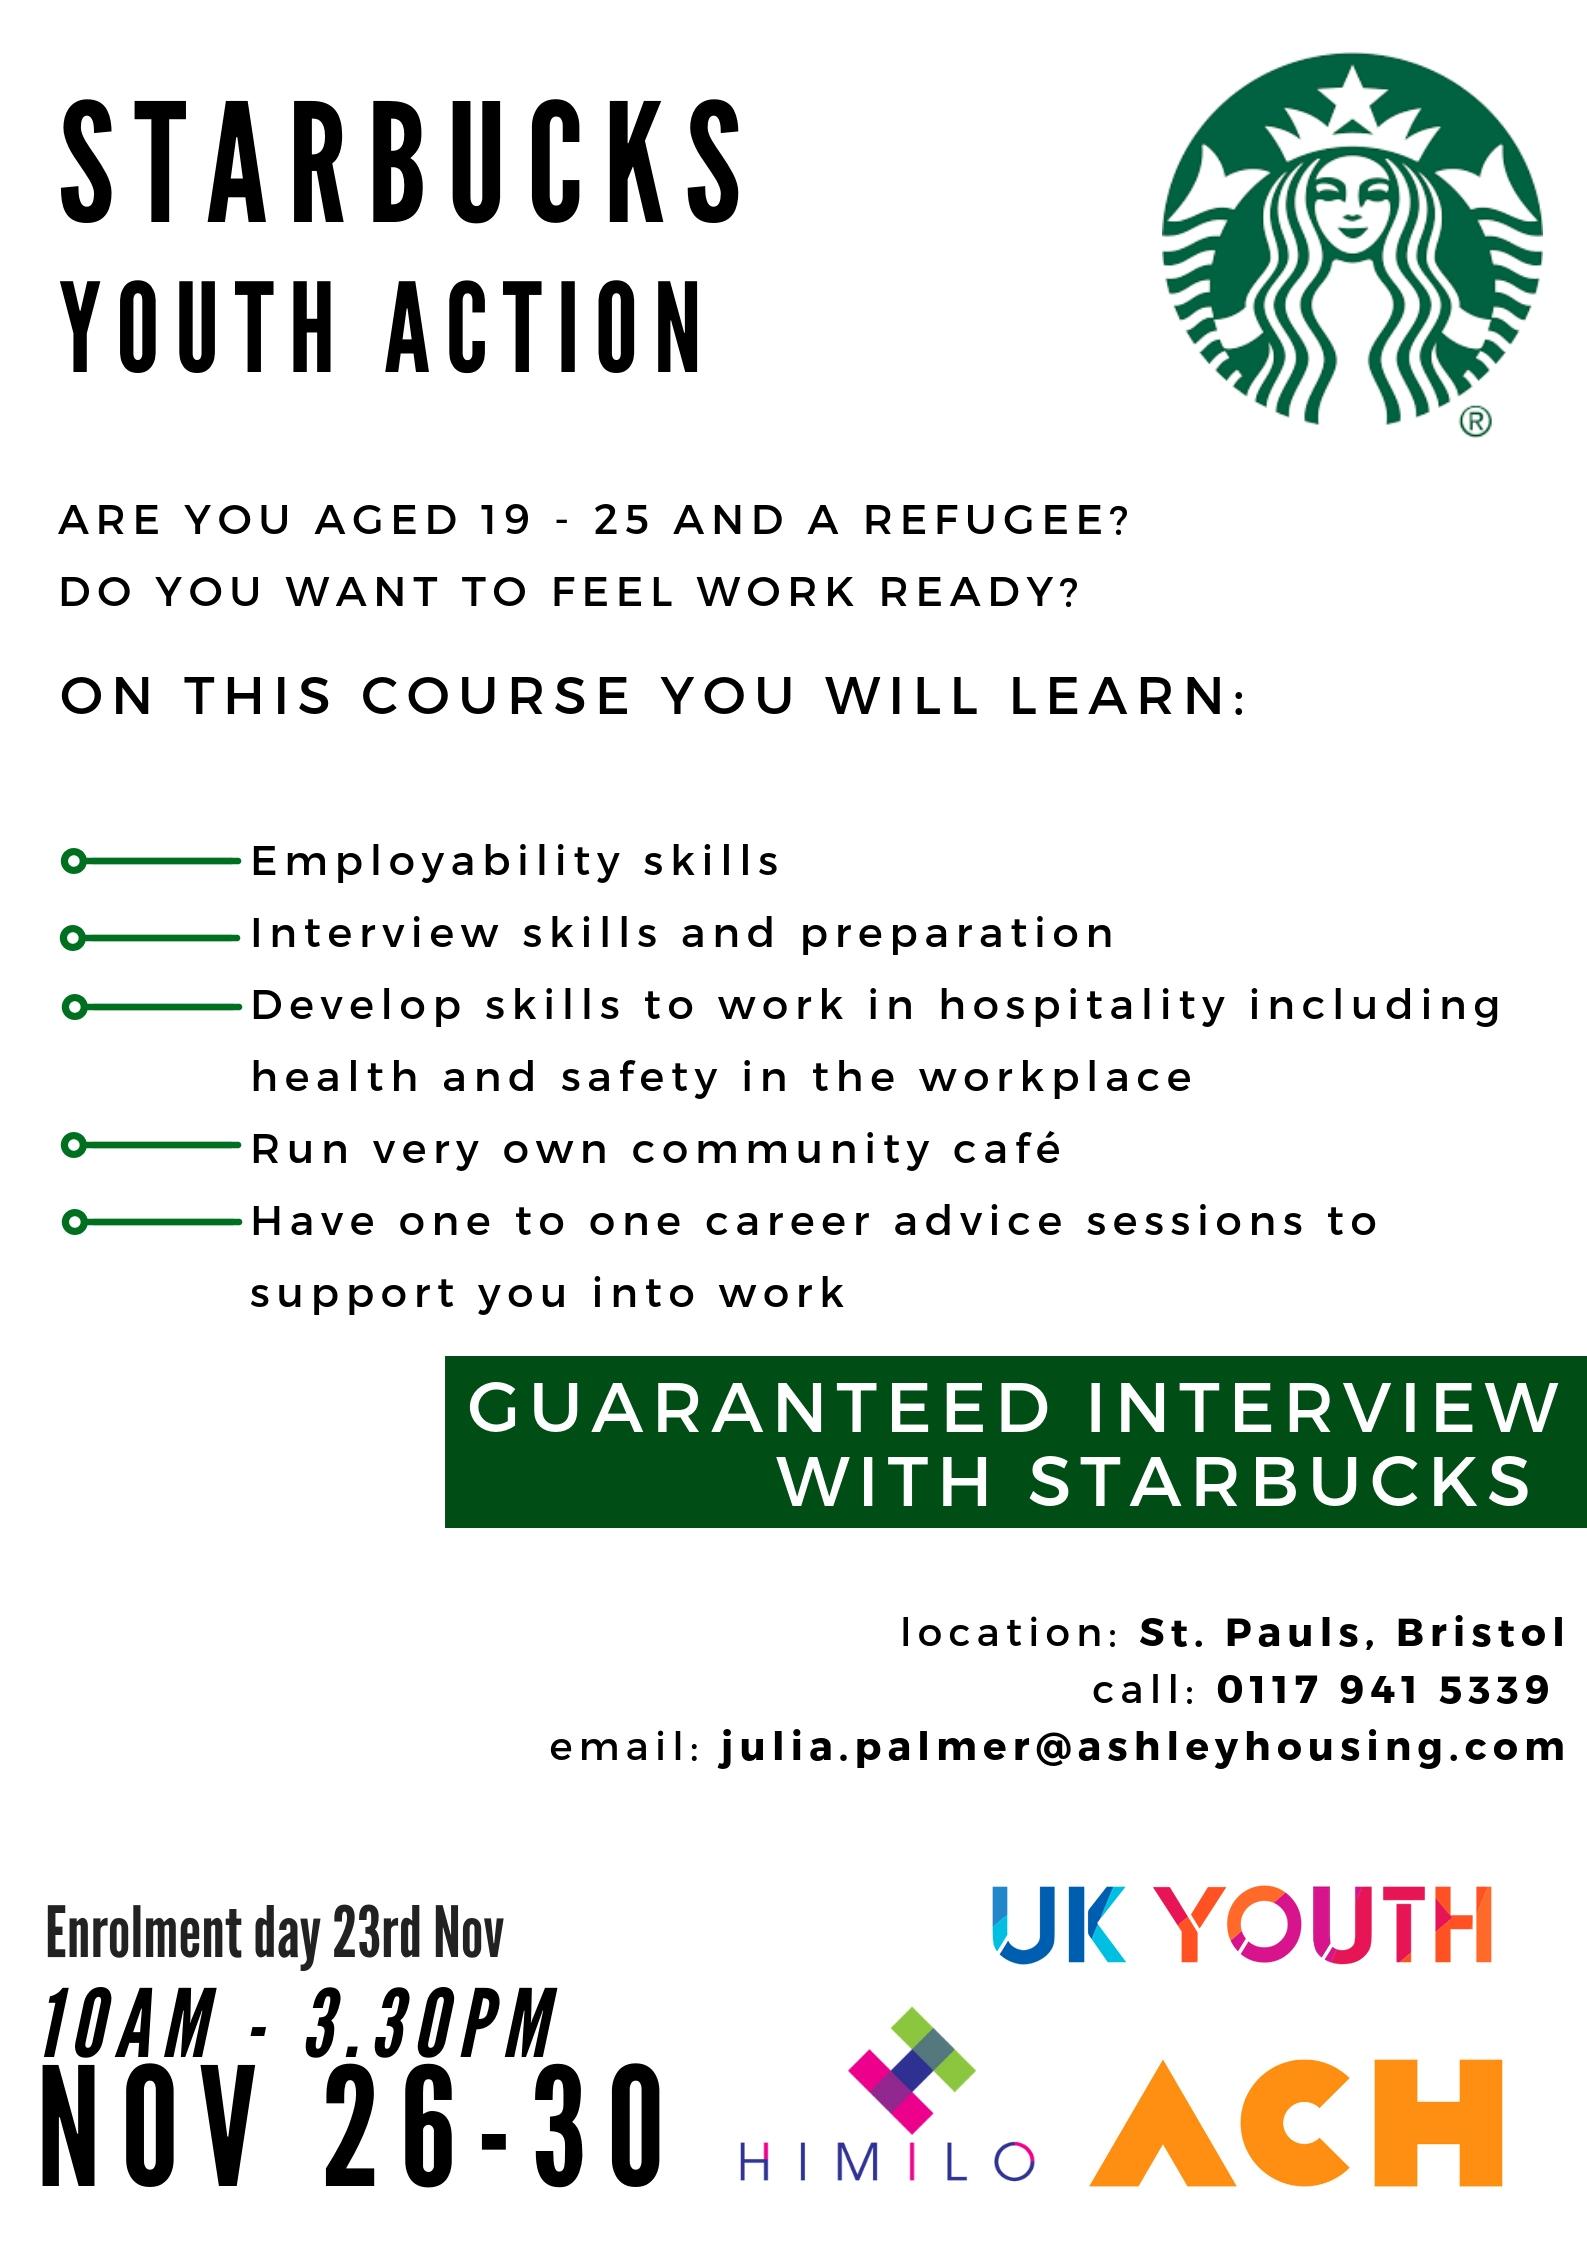 Starbucks Employment Support Programme | ACH